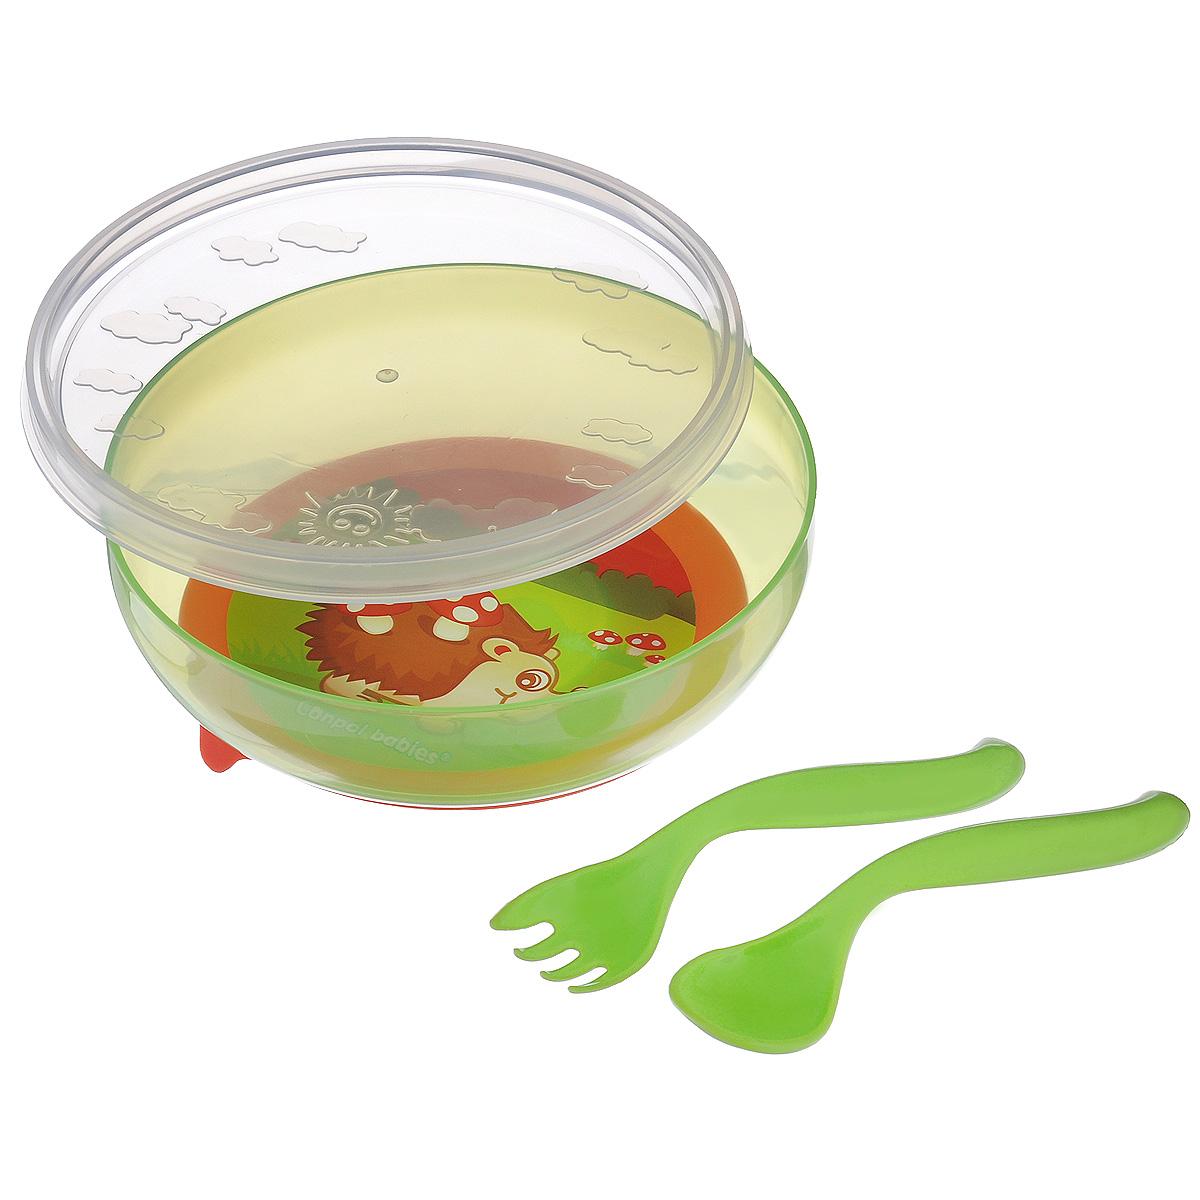 Canpol Babies Набор детской посуды цвет зеленый 4 предмета21/300_зеленый